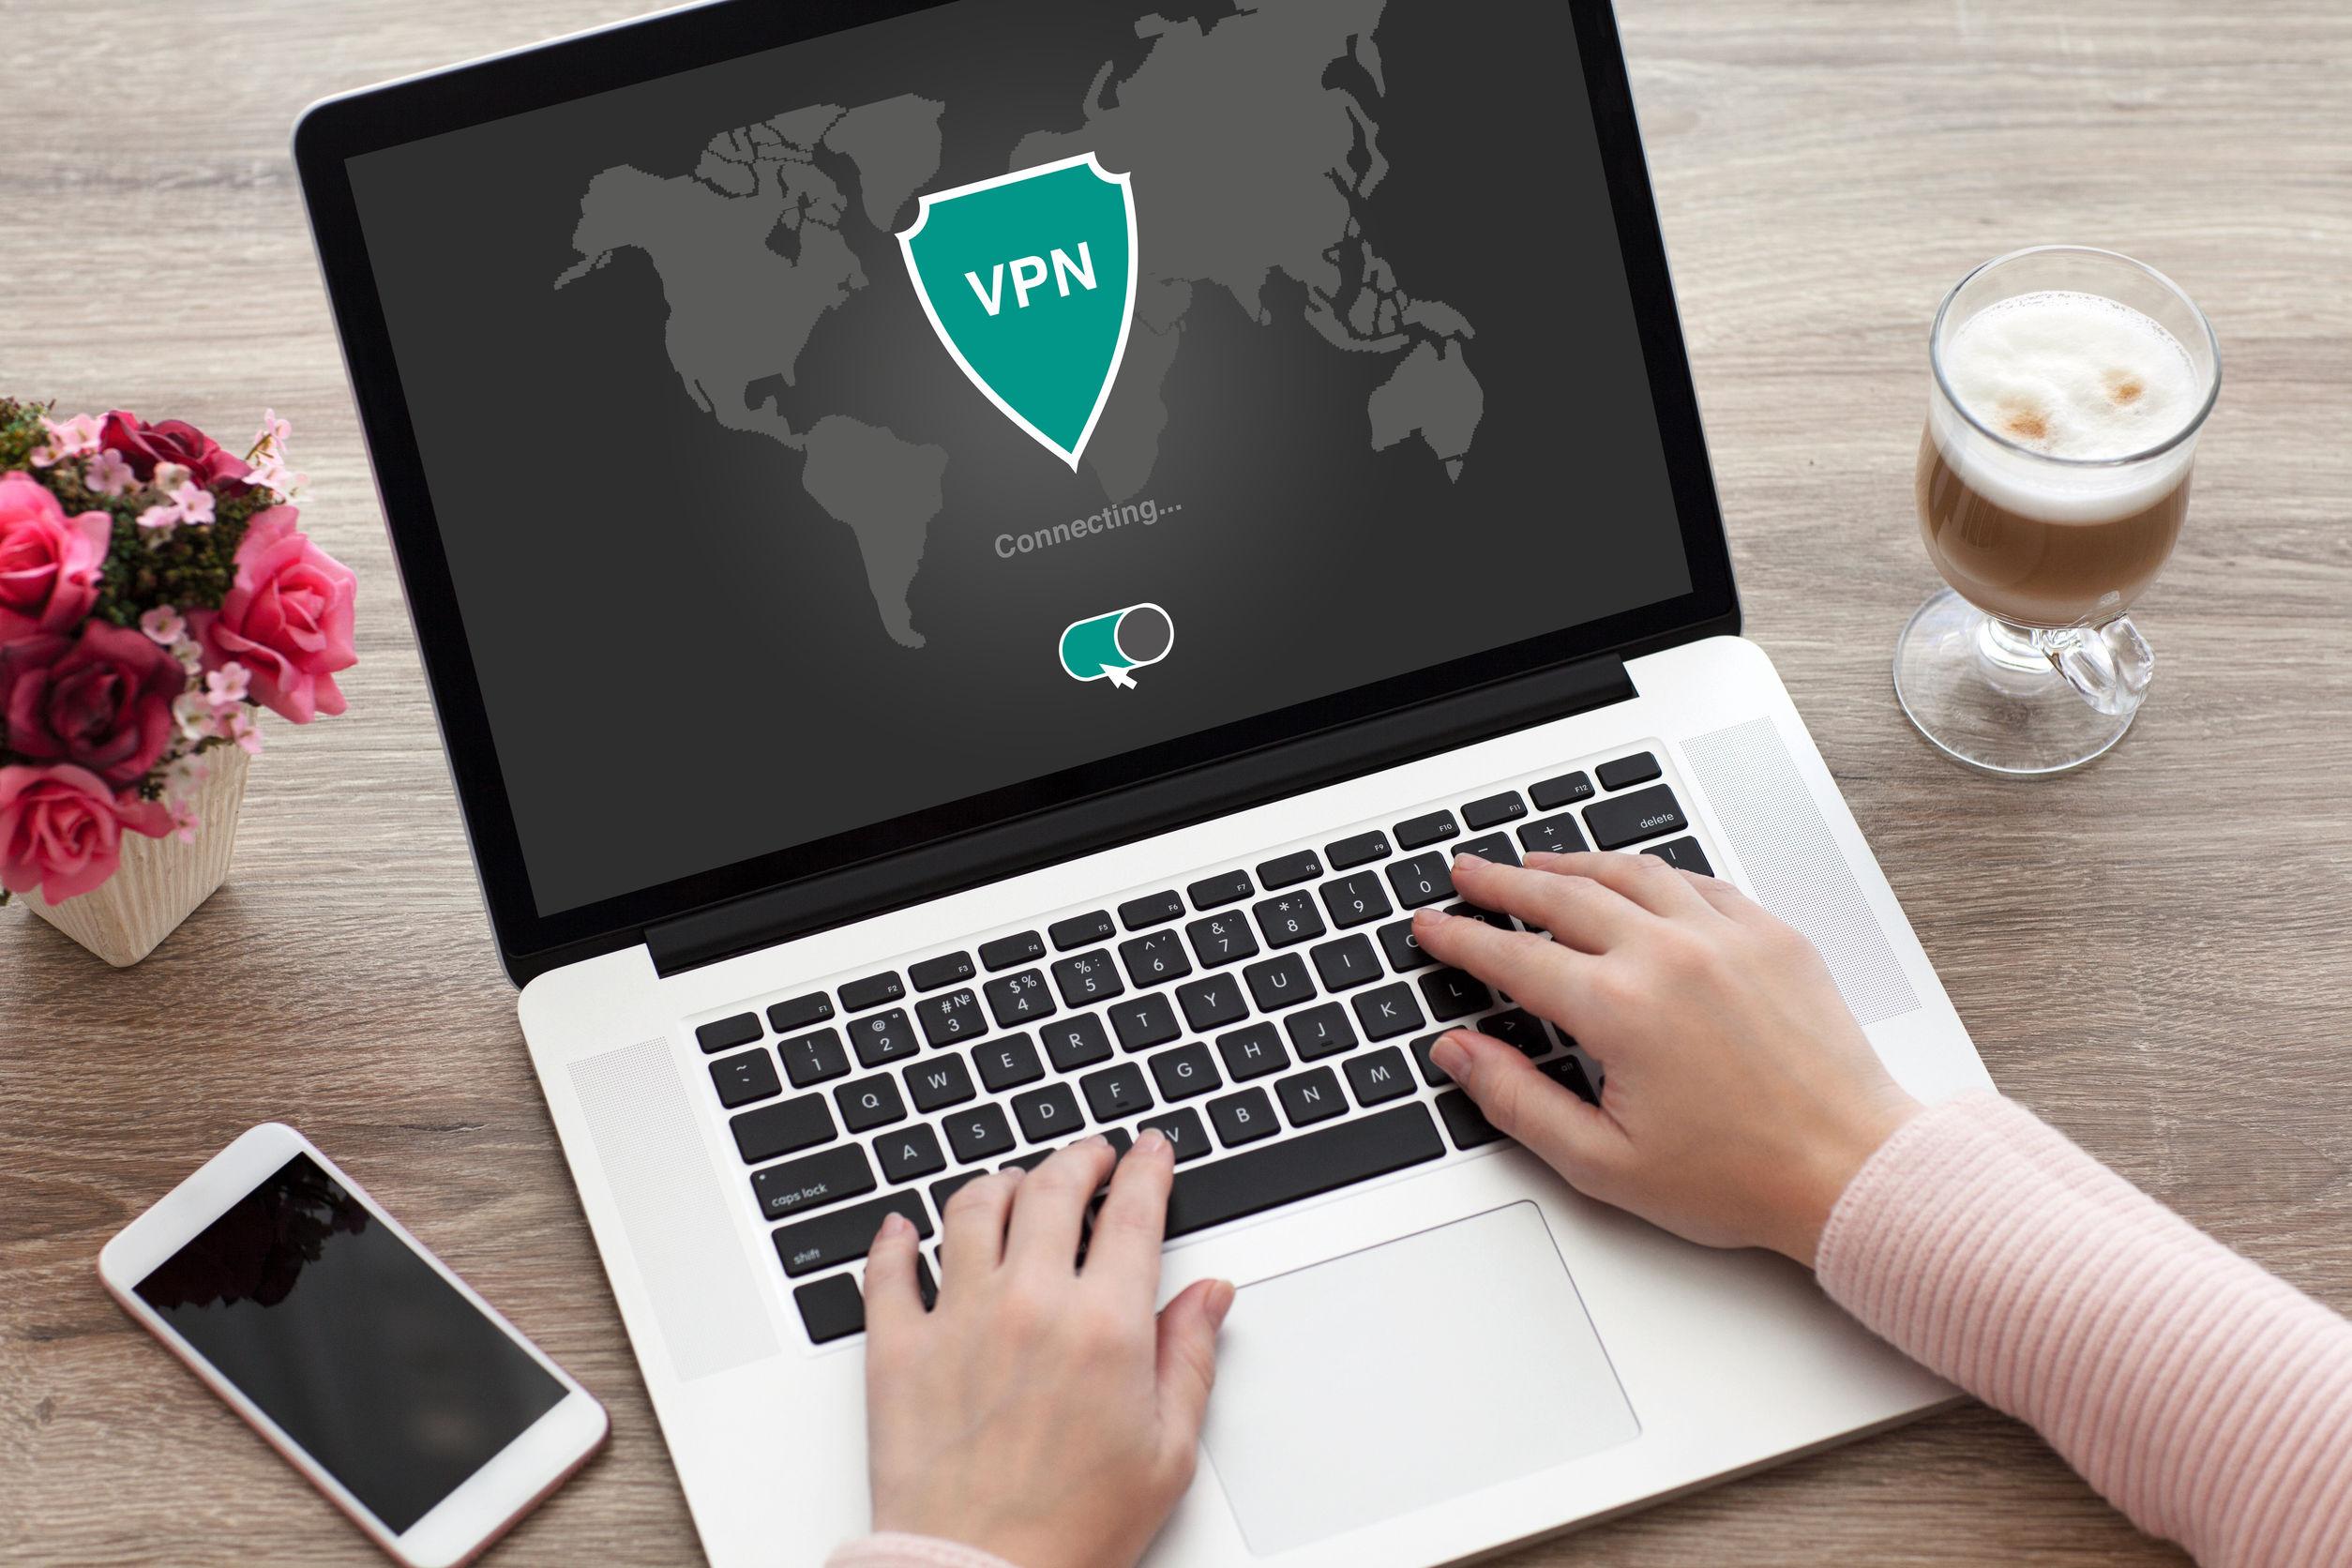 Persona usando VPN